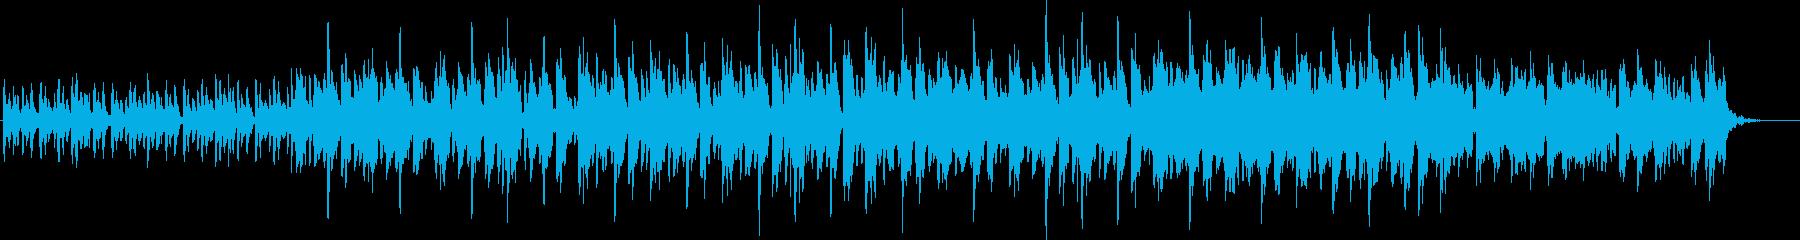 「チープな楽しさ」の再生済みの波形